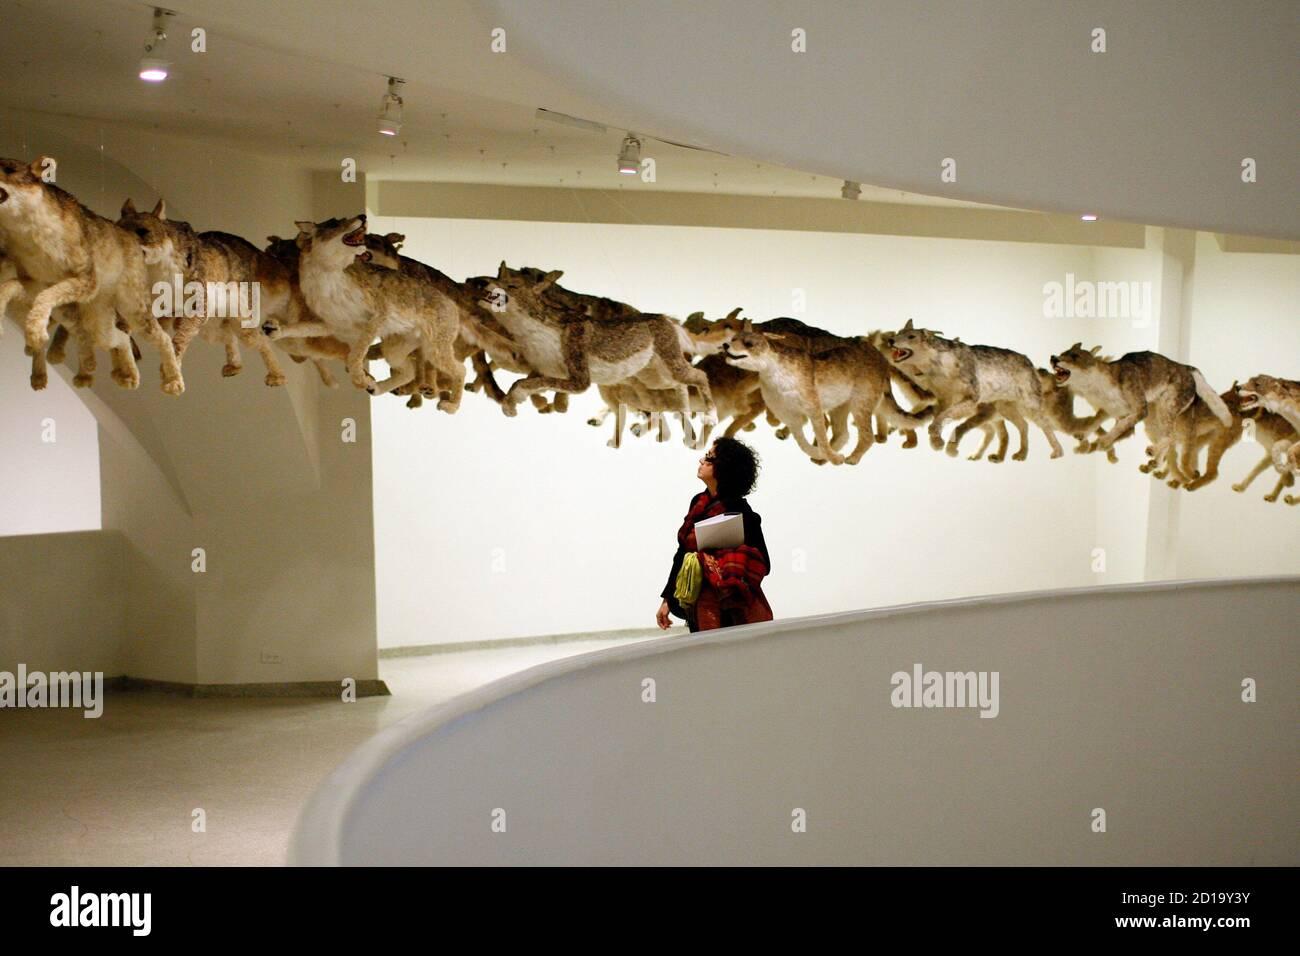 """Ein Besucher des Guggenheim-Museums geht durch die Installation """"Head On"""" von dem Künstler Cai Guo-Qiang in New York, 21. Februar 2008. Das Stück ist Teil der Ausstellung der Künstler Cai Guo-Qiang: Ich will to Believe. REUTERS/Keith Bedford (USA) Stockfoto"""